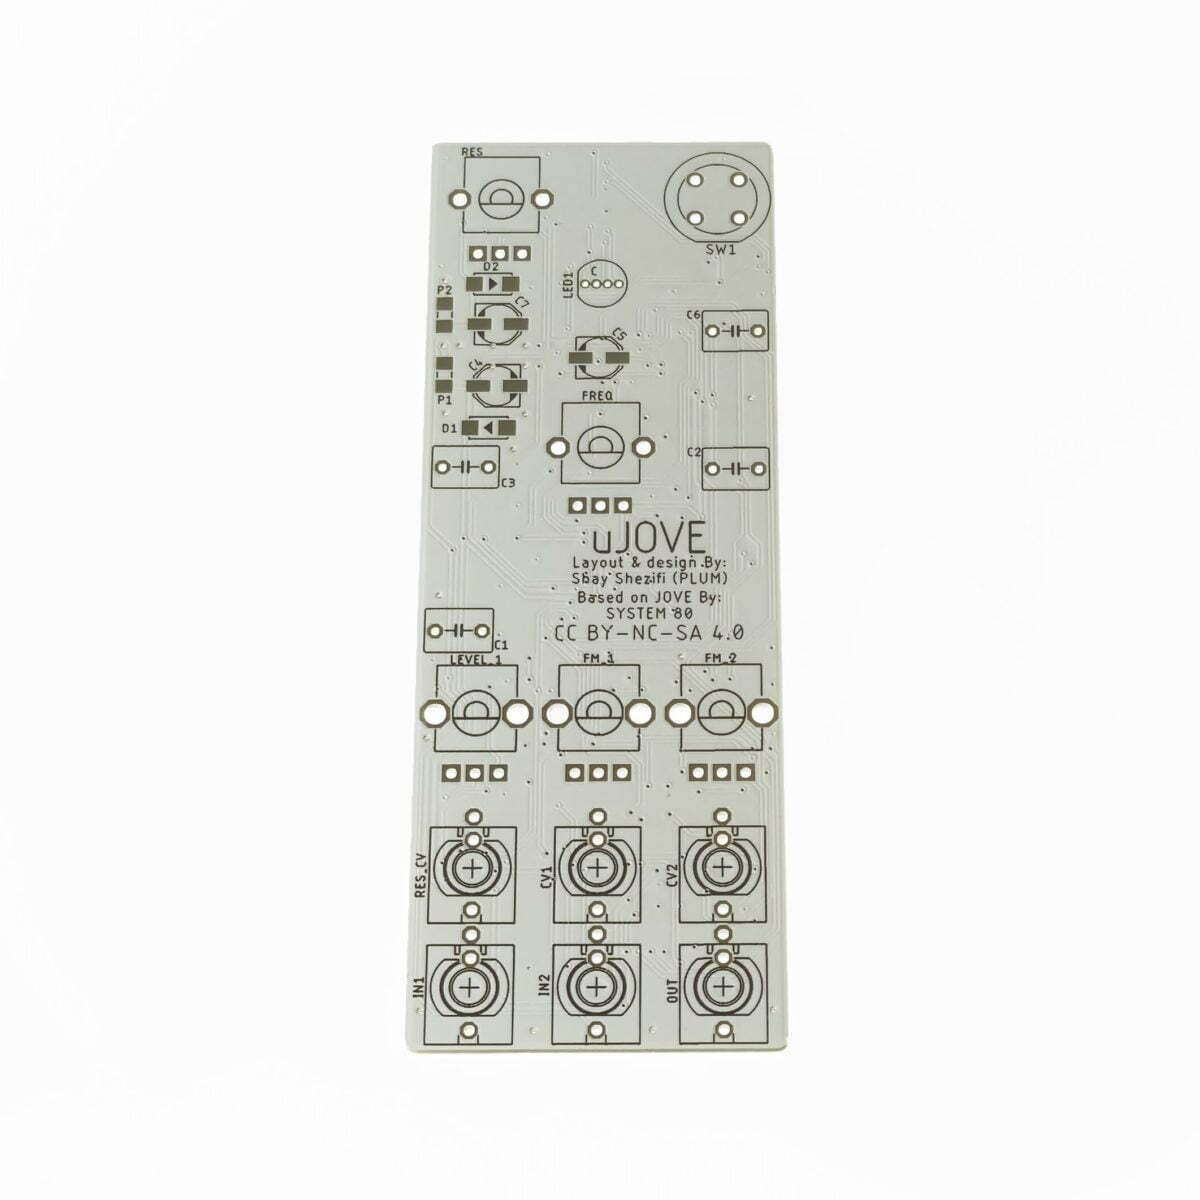 Plum Audio uJove PCB Front